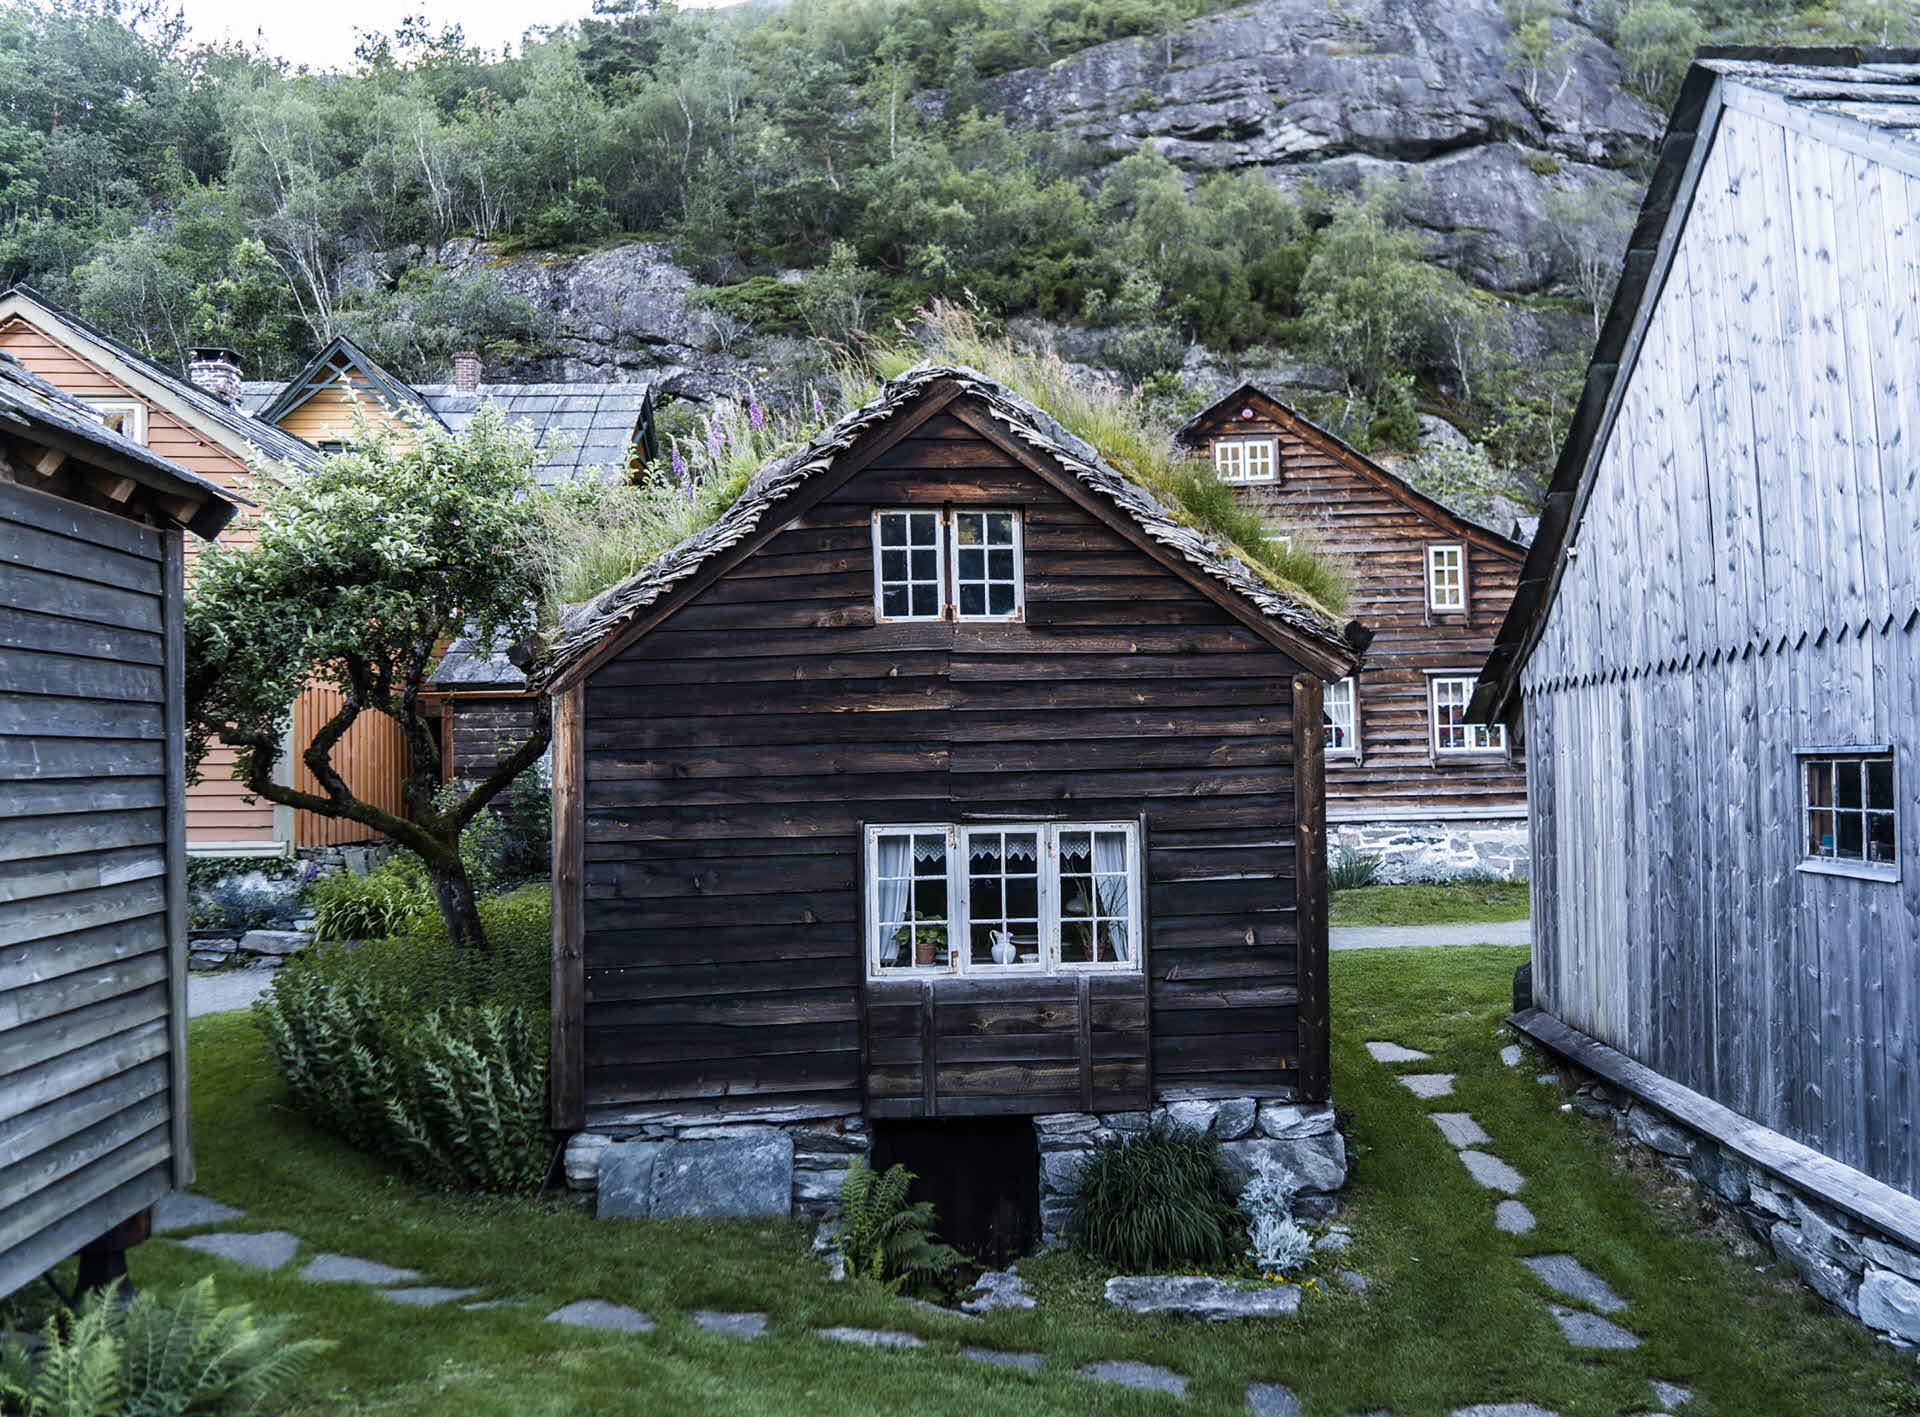 Ein kleines braunes Holzhaus aus den frühen 1220er Jahren, auf Natursteinen ruhend und mit Gras auf dem Dach, auf Agatunet in Hardanger, Norwegen